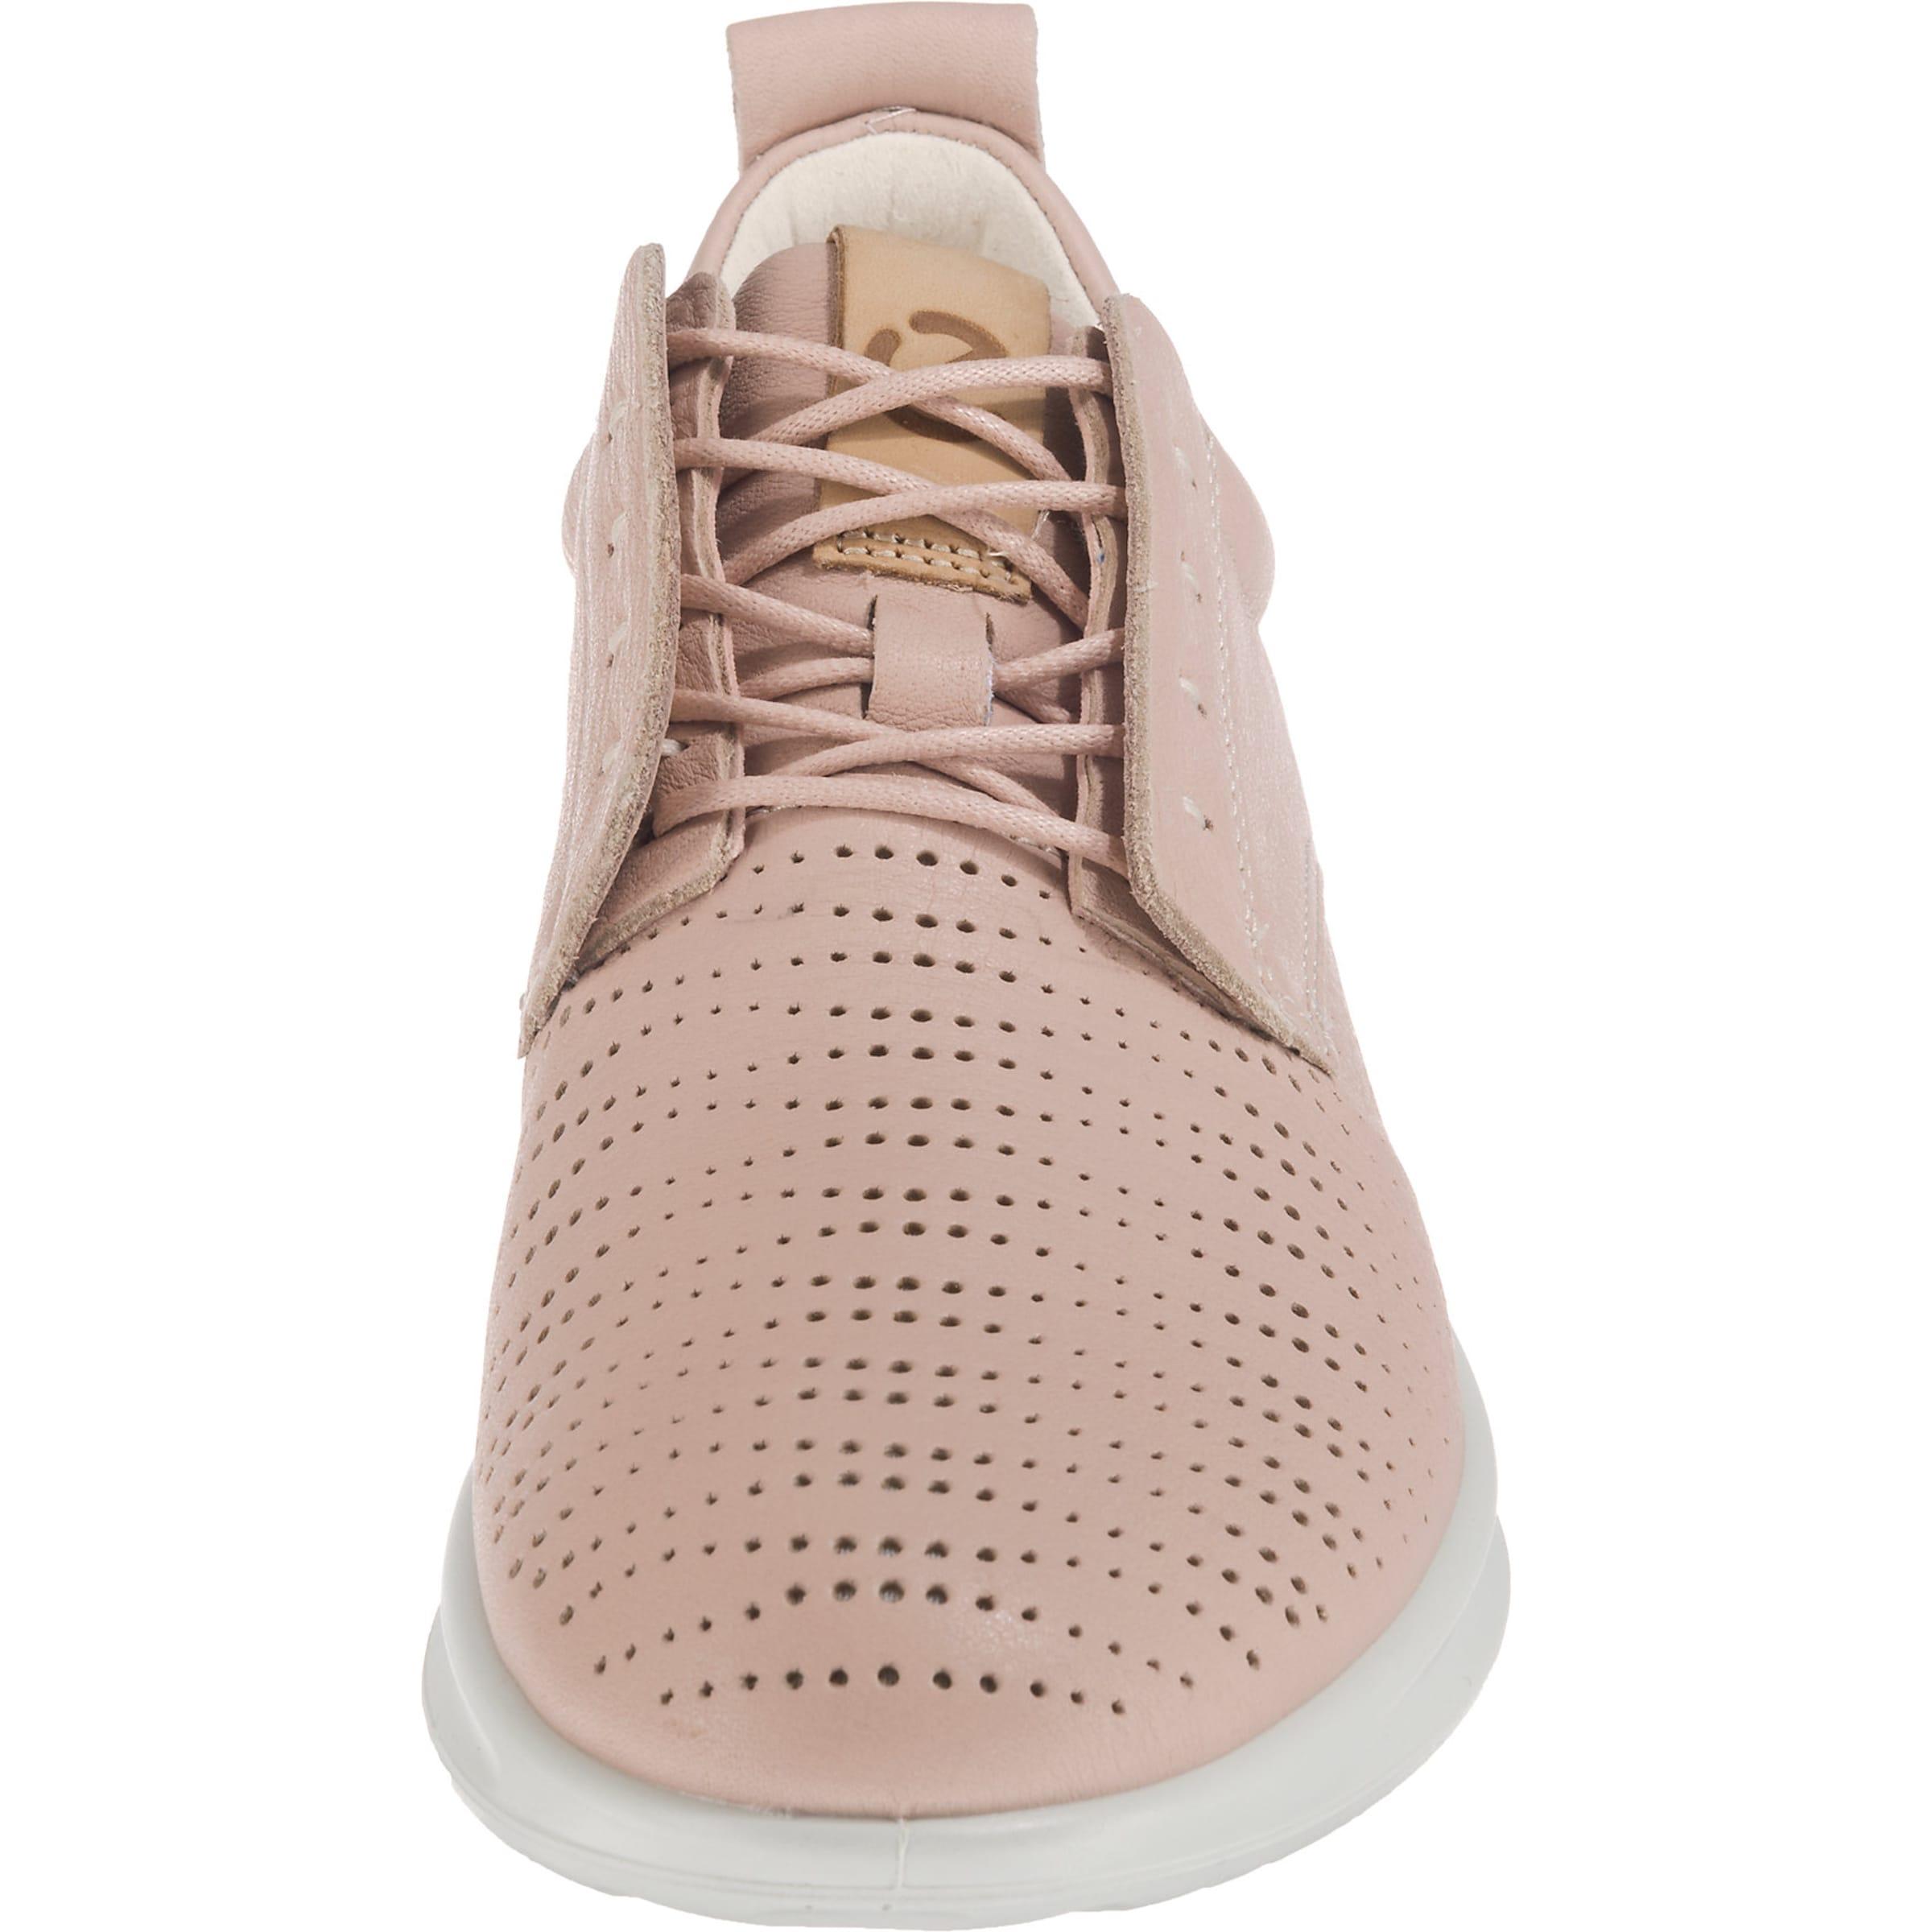 ECCO Sneakers Low 'Aquet Rose Dust Trento' Rabatt Bester Verkauf Billig Kaufen 24udw9H